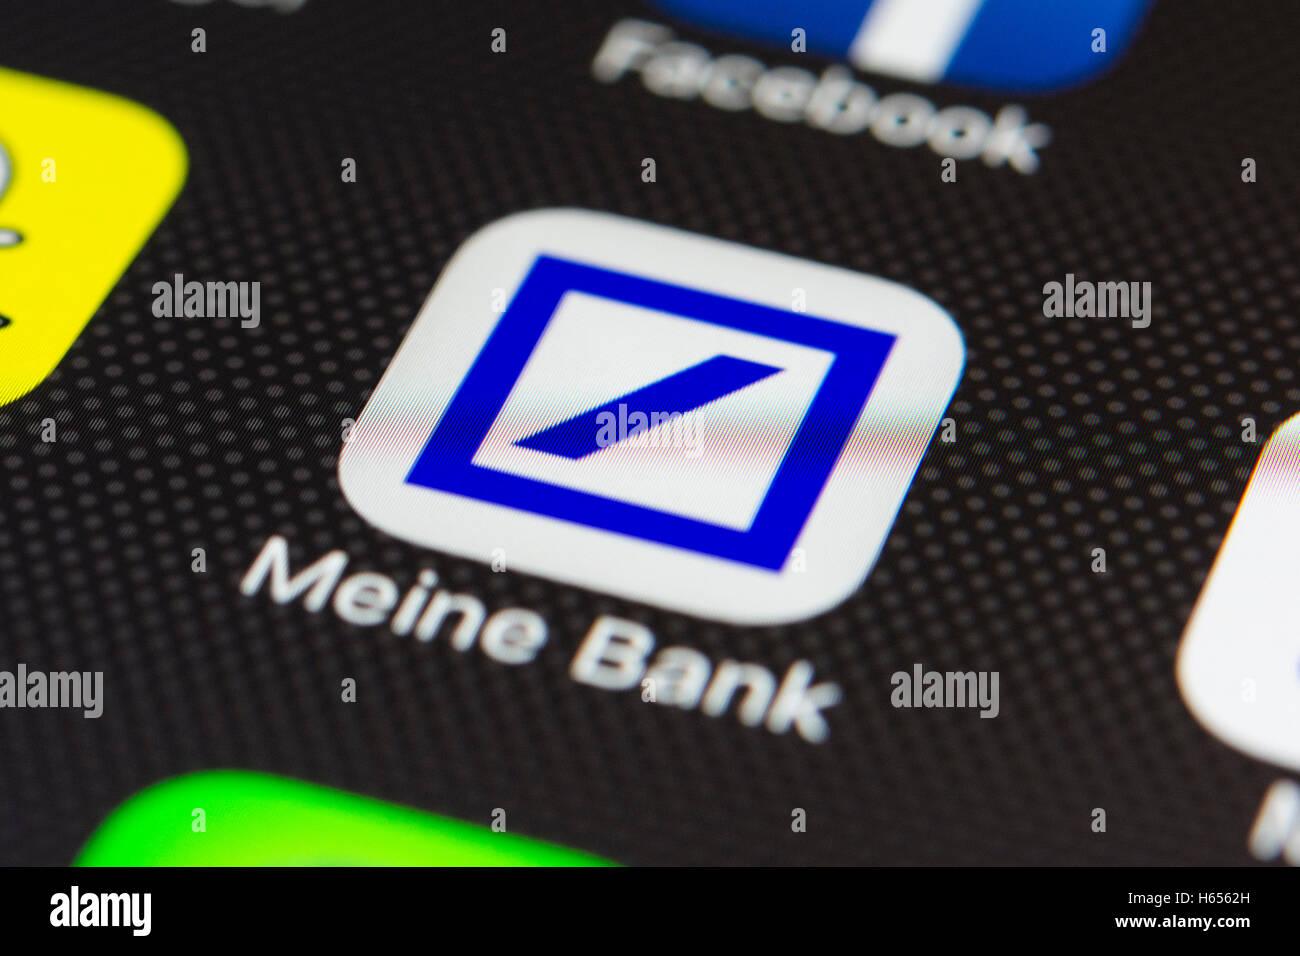 Deutsche Bank Online Banking App Auf Dem Iphone Smartphone